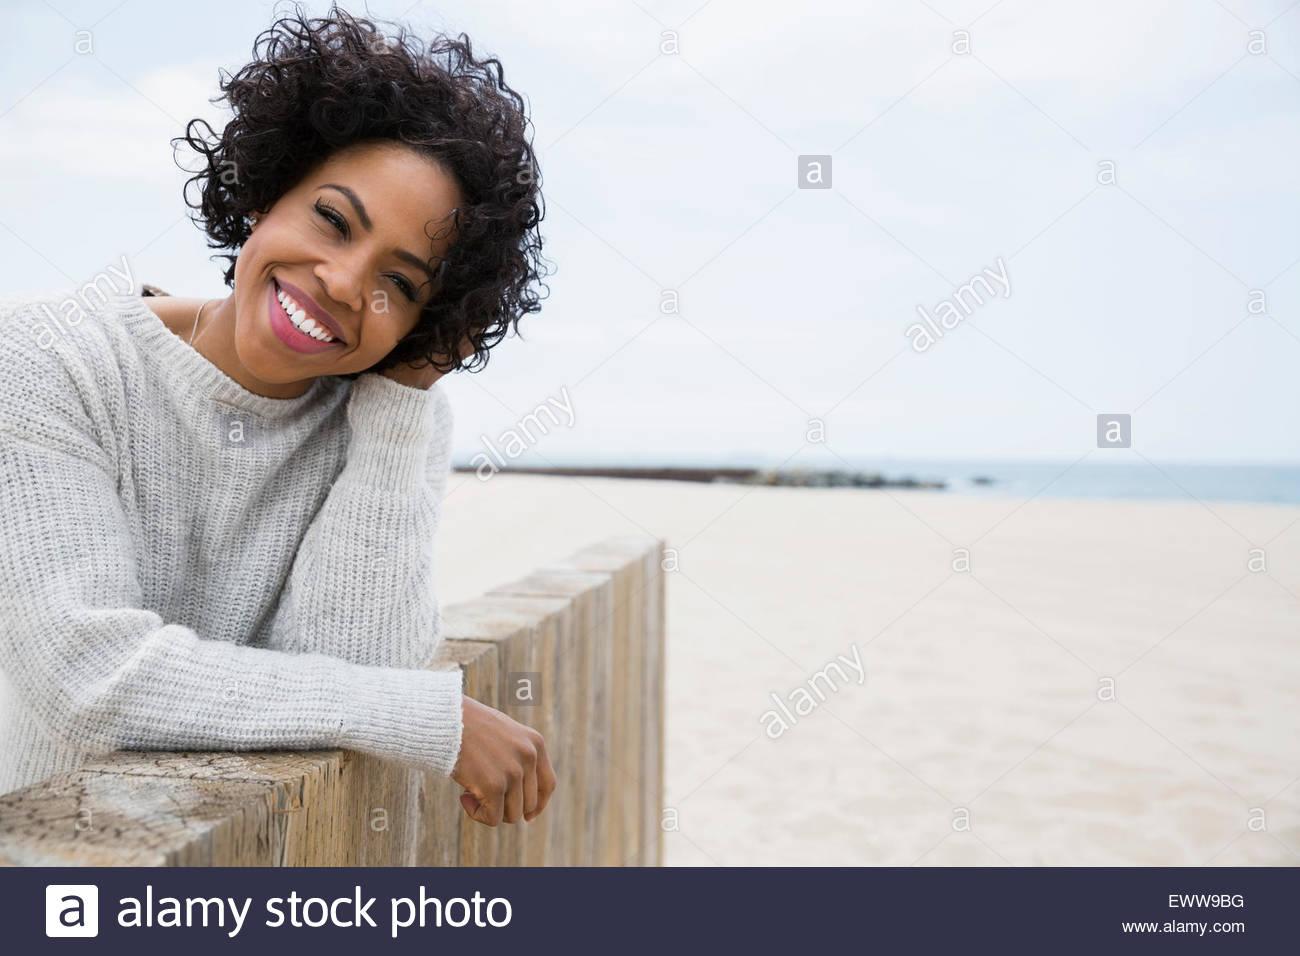 Ritratto di donna sorridente ricci capelli neri parete in spiaggia Immagini Stock